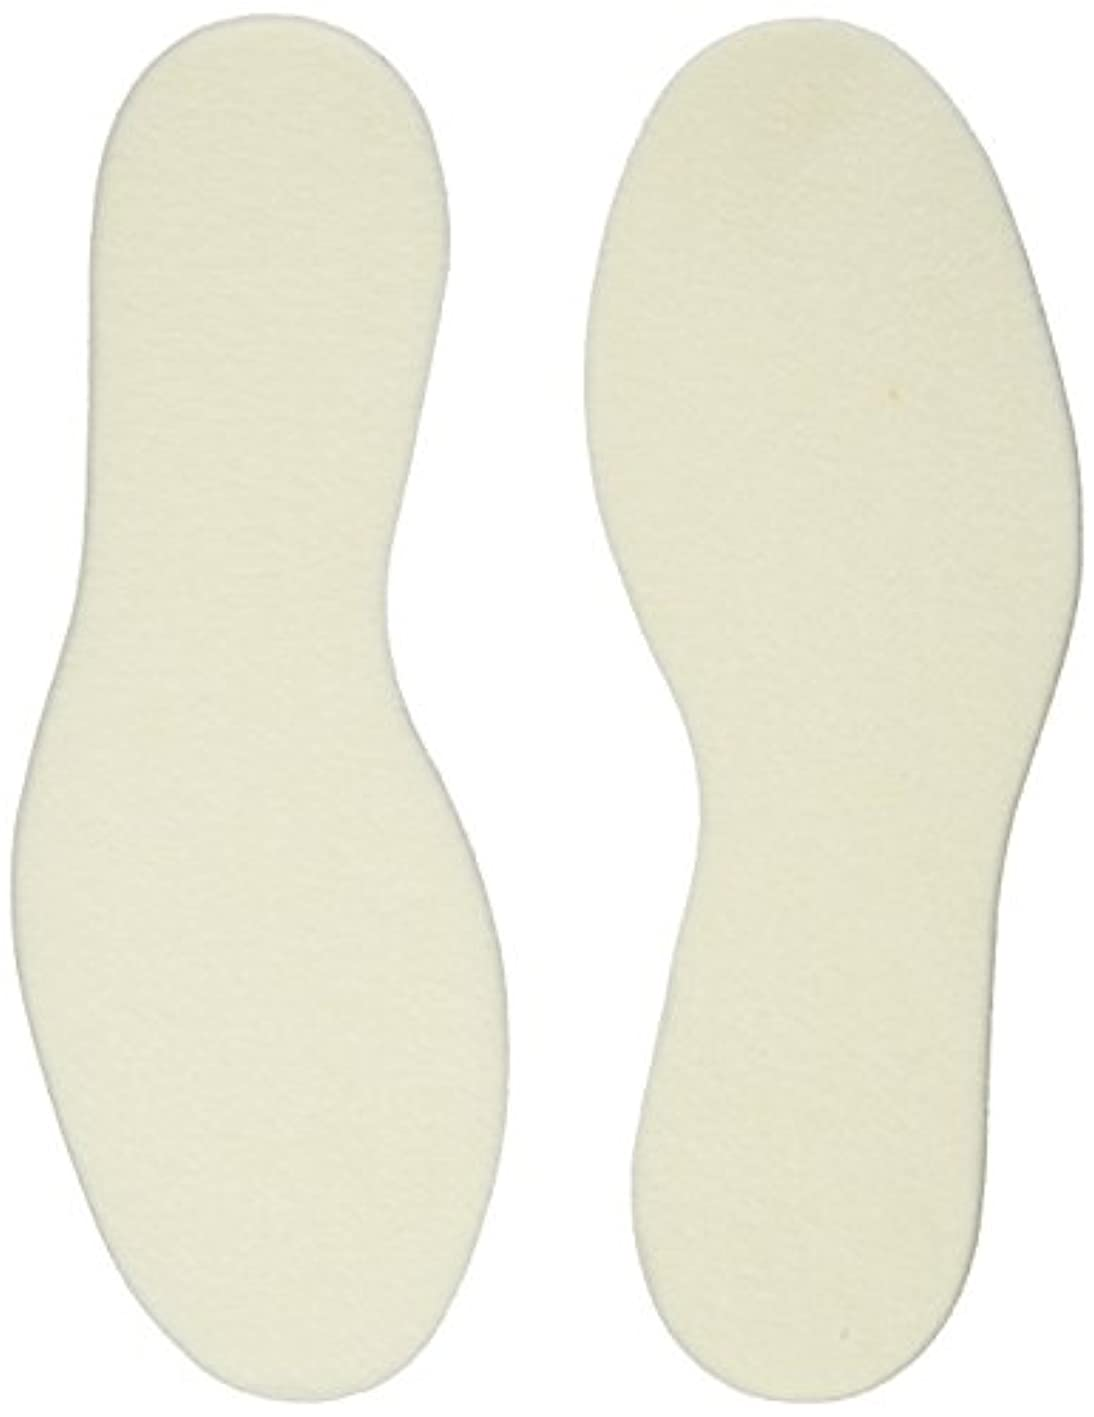 コロンブス 長靴快適インソール フリーサイズ(22.0~28.0cm)